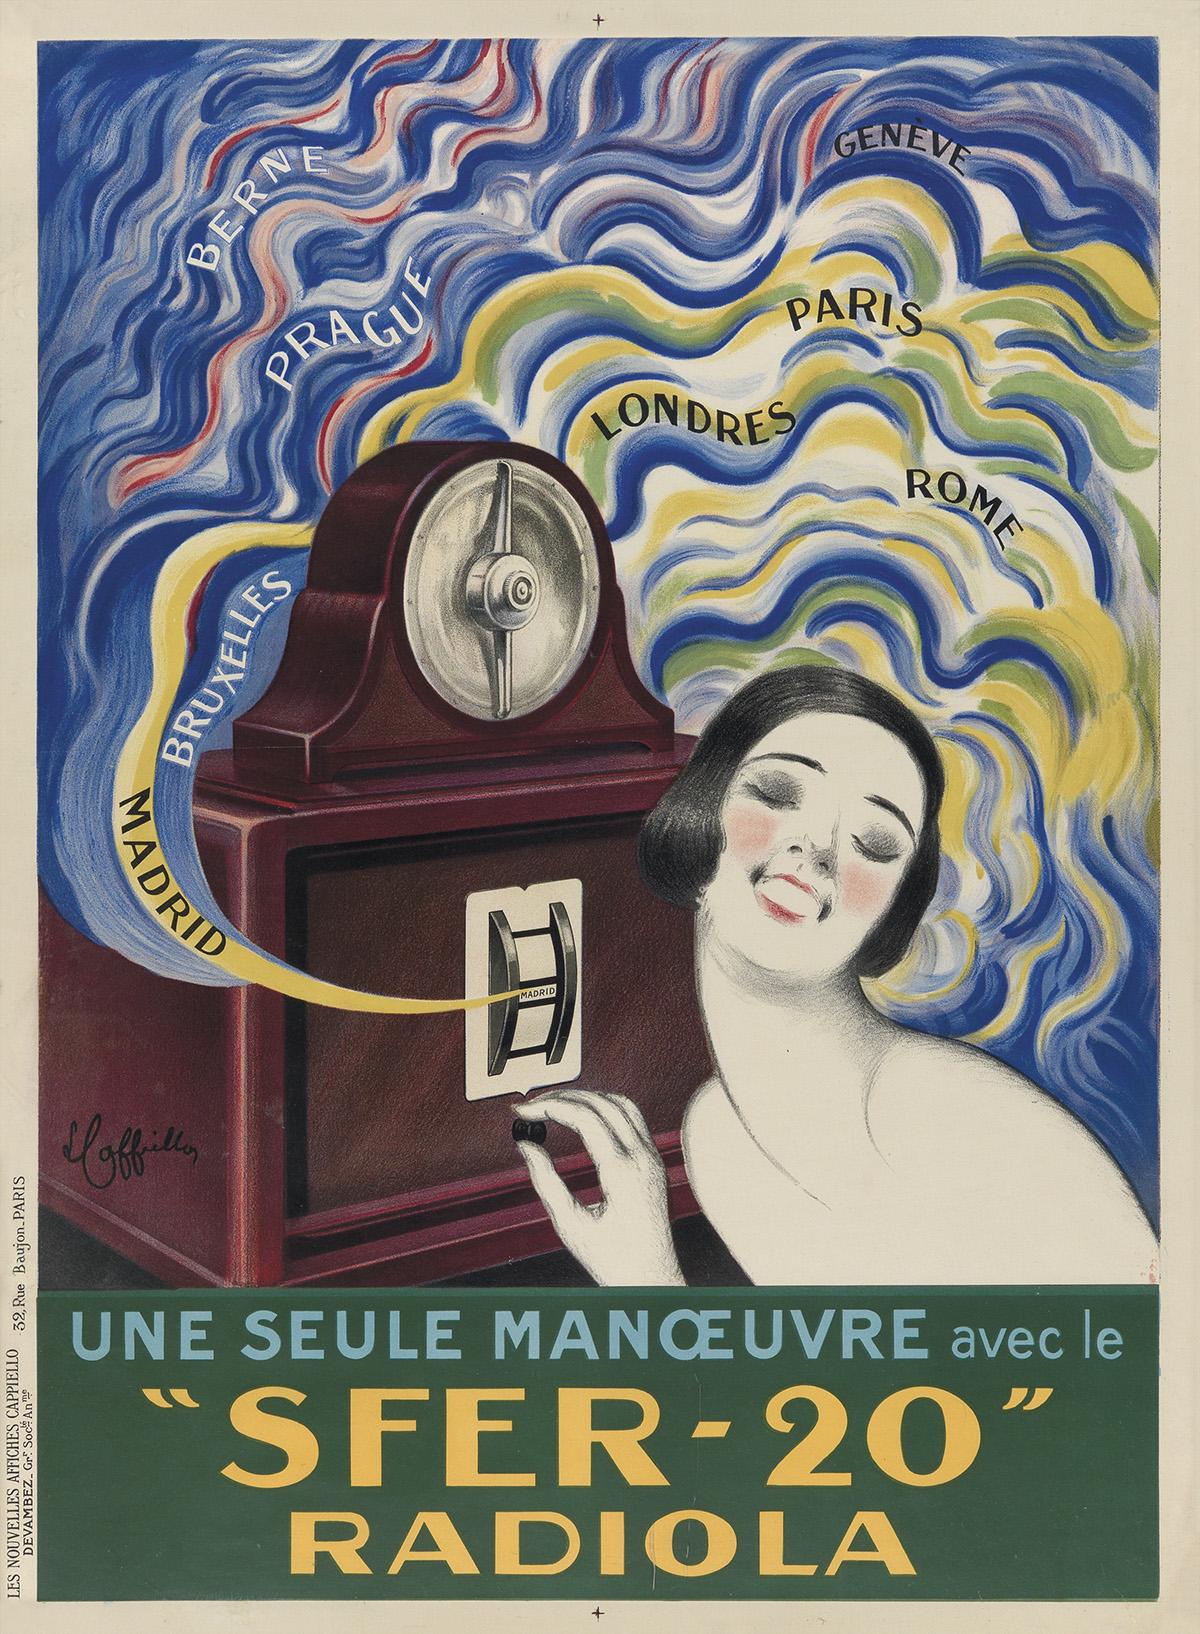 LEONETTO CAPPIELLO (1875-1942). SFER - 20 RADIOLA. 1925. 31x23 inches, 79x 58 cm. Devambez, Paris.